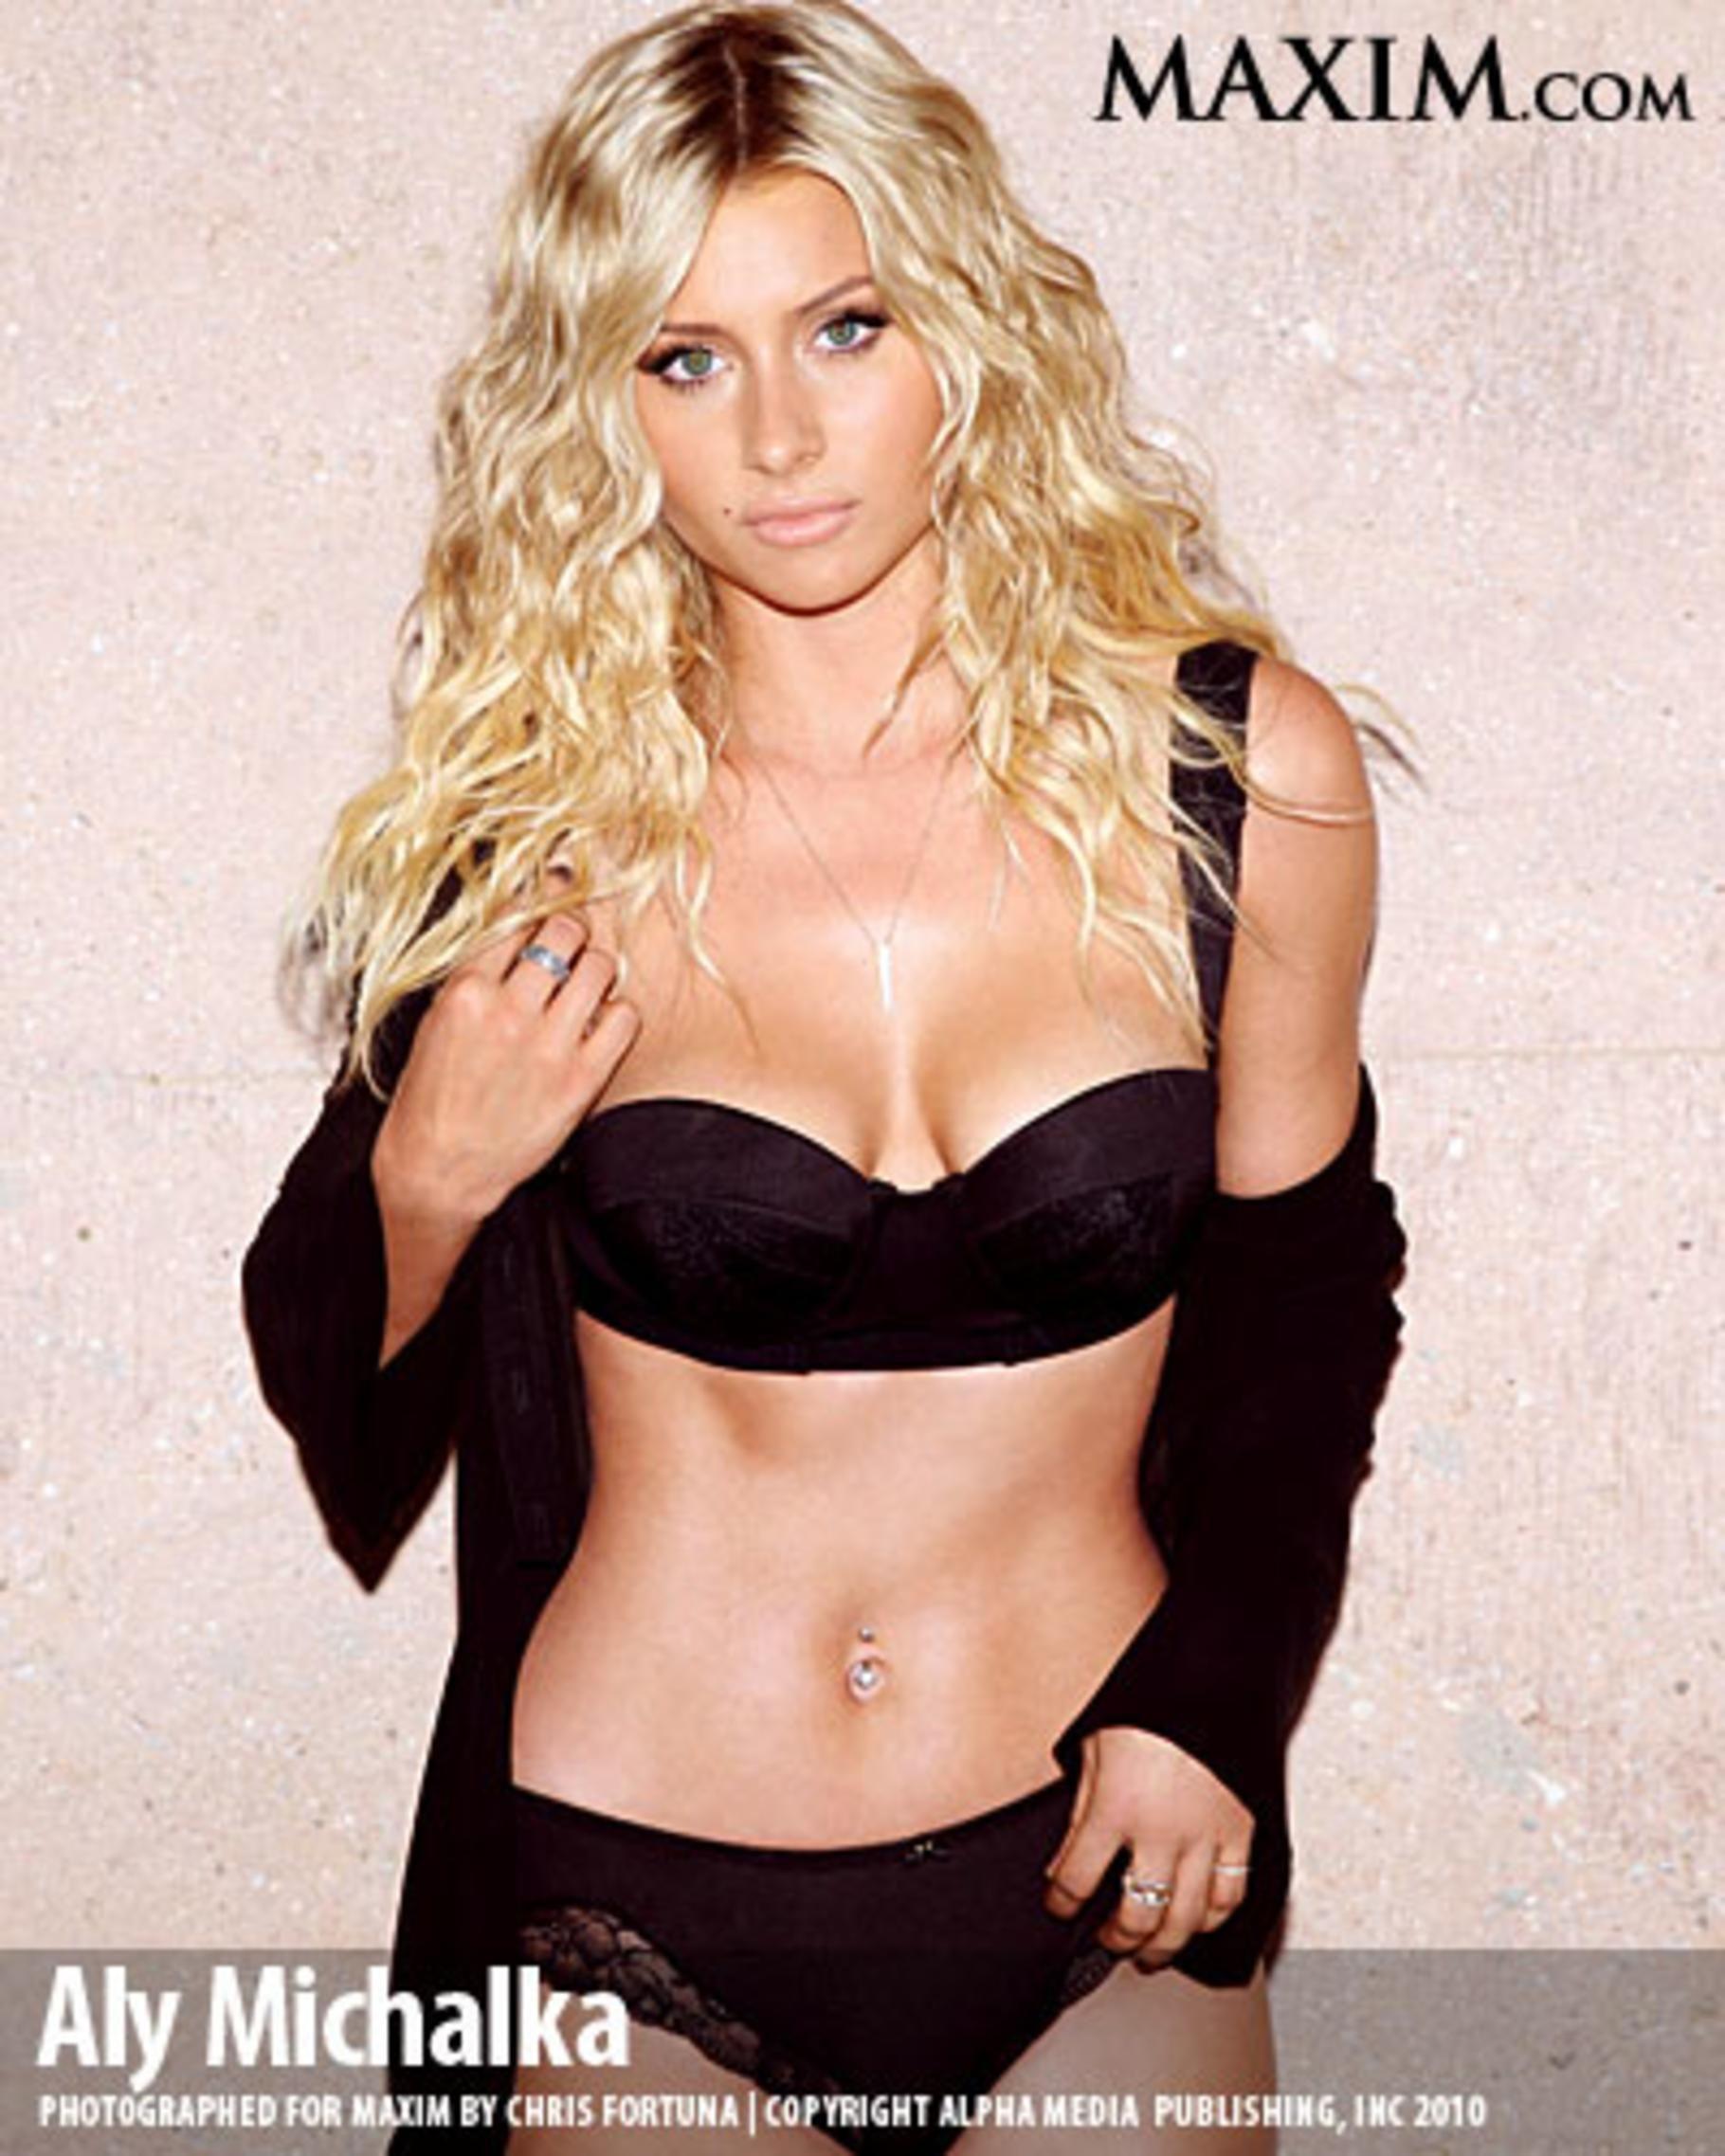 Hot Aly Michalka nudes (51 photos), Boobs